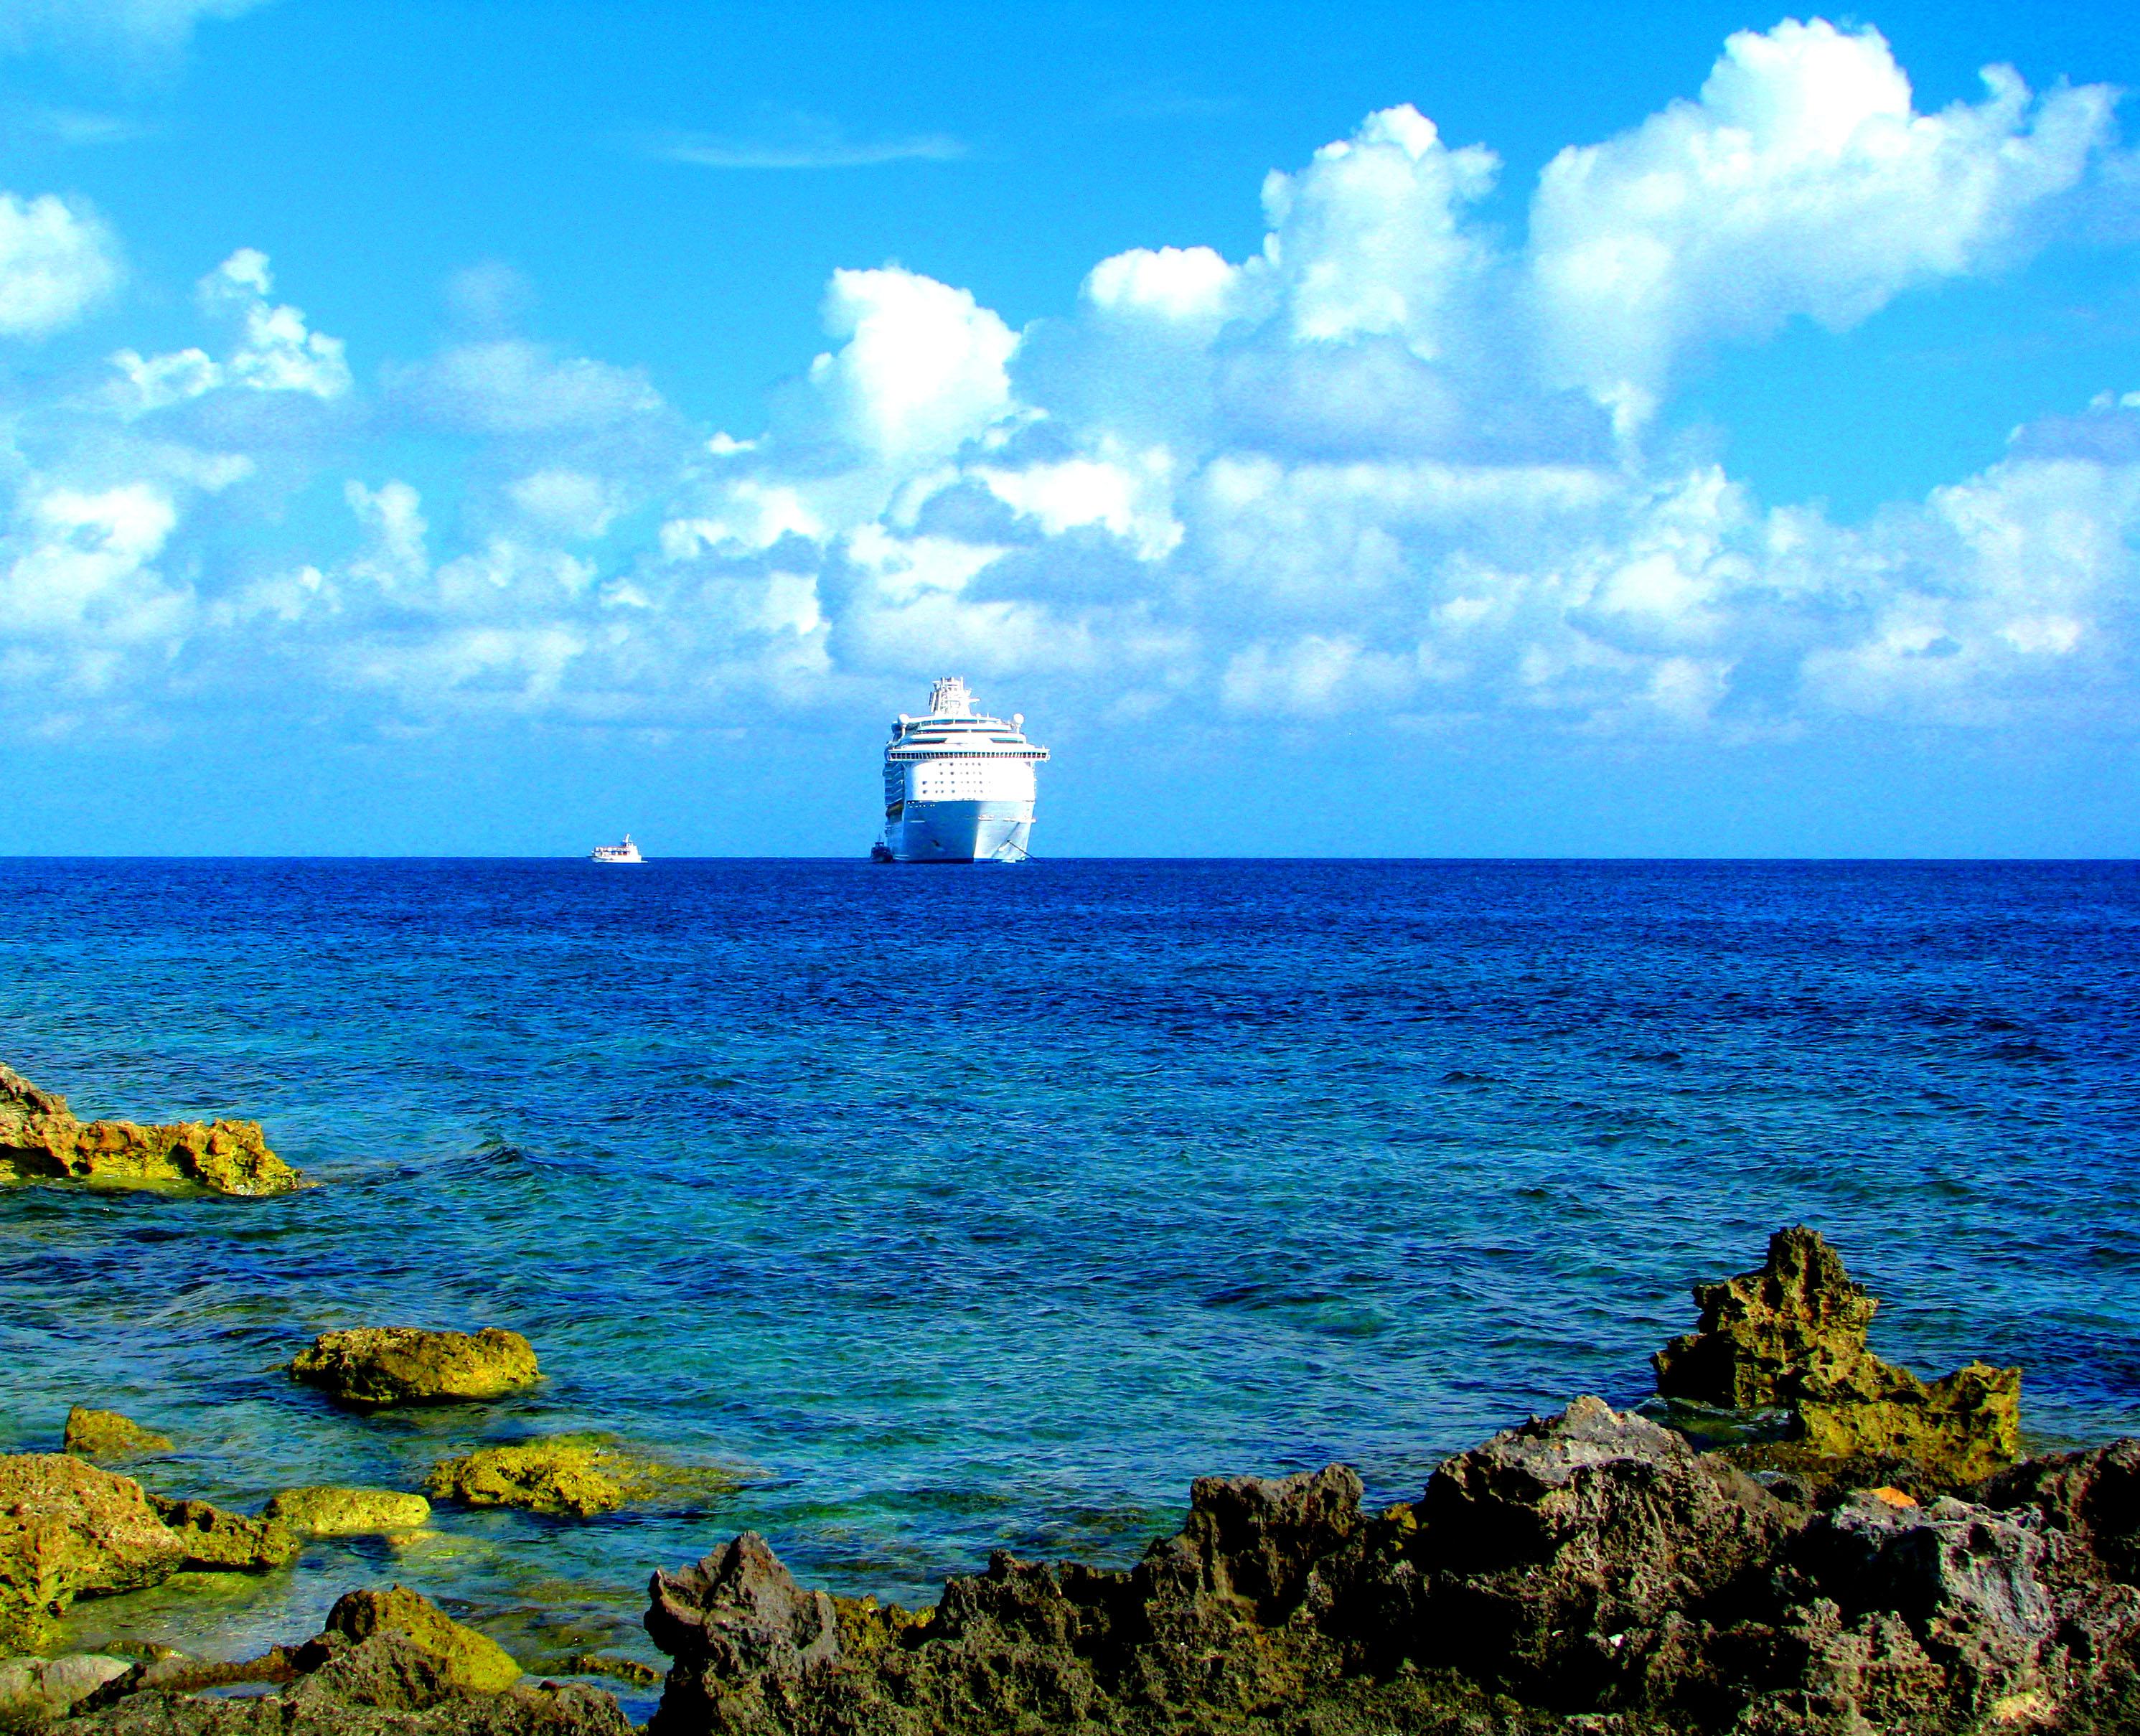 Судно mariner of the seas на карибском море